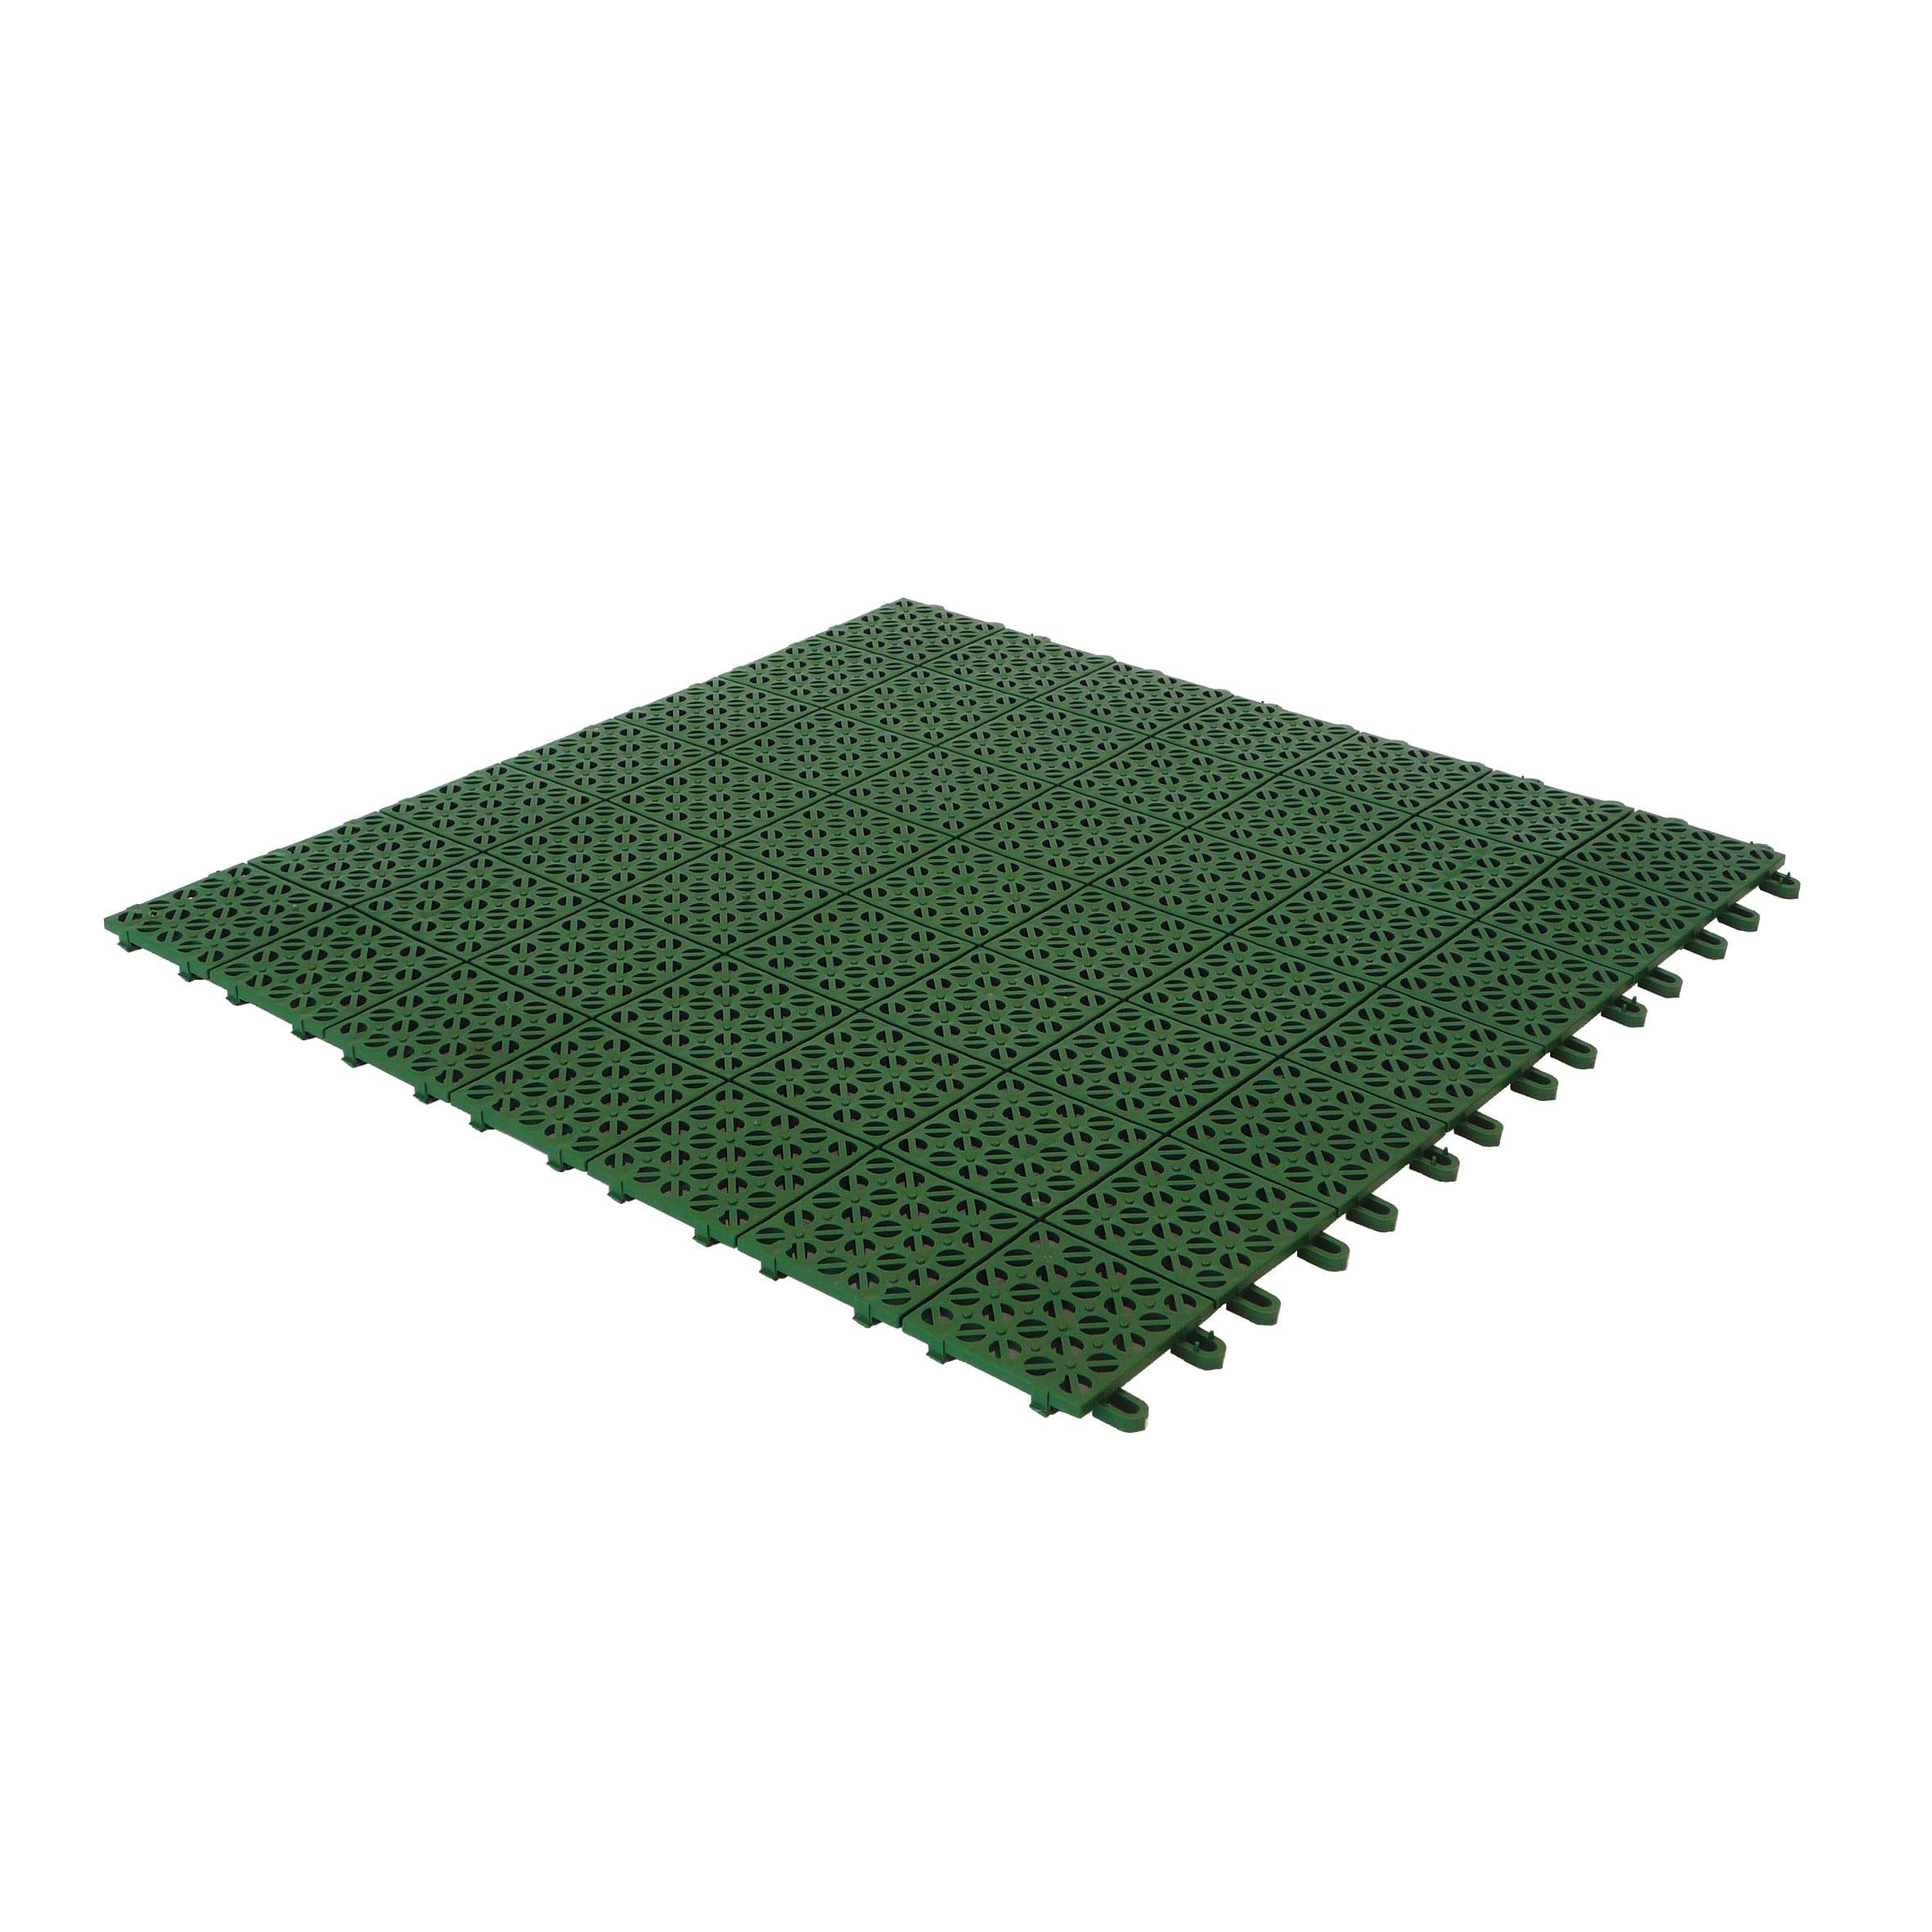 Piastrelle Da Esterno A Incastro piastrelle ad incastro multiplate 56 x 56 cm sp 10 mm, verde